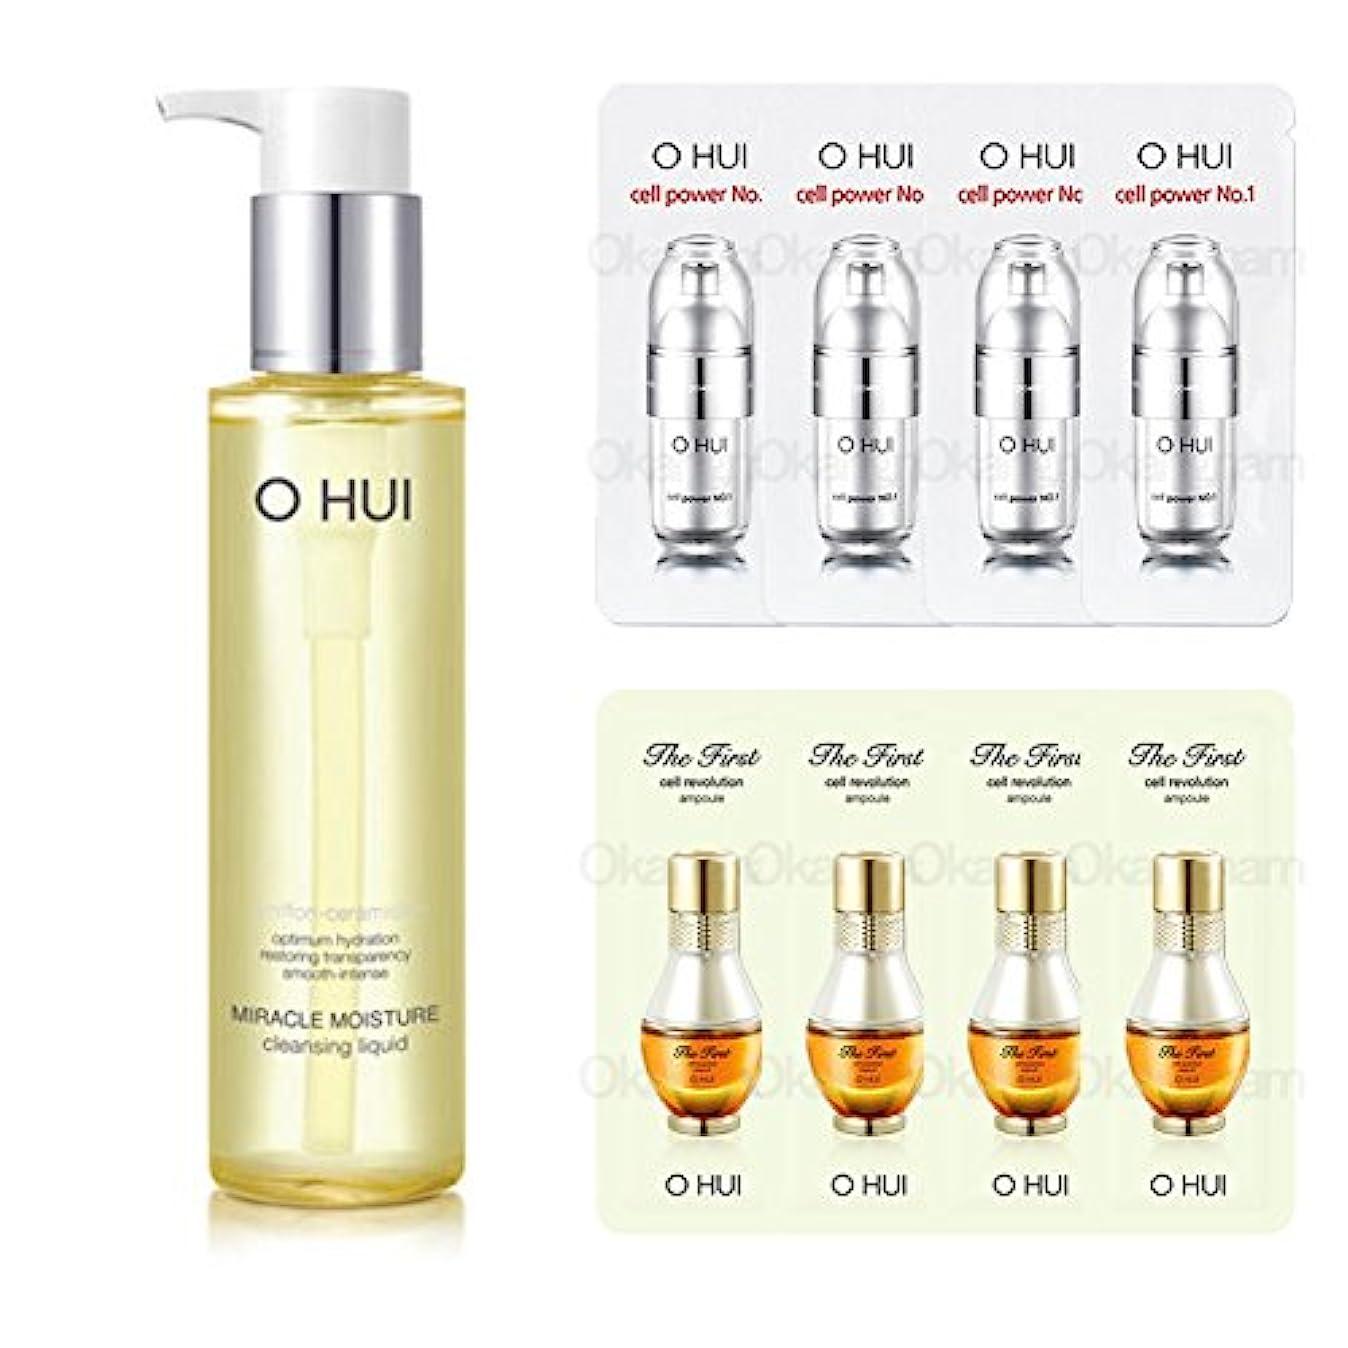 忌避剤肩をすくめる再編成するオフィ/ O HUI LG生活健康/OHUI Cleansing Oilミラクルモイスチャークレンジングリキッド150ml+ Sample Gift (海外直送品)